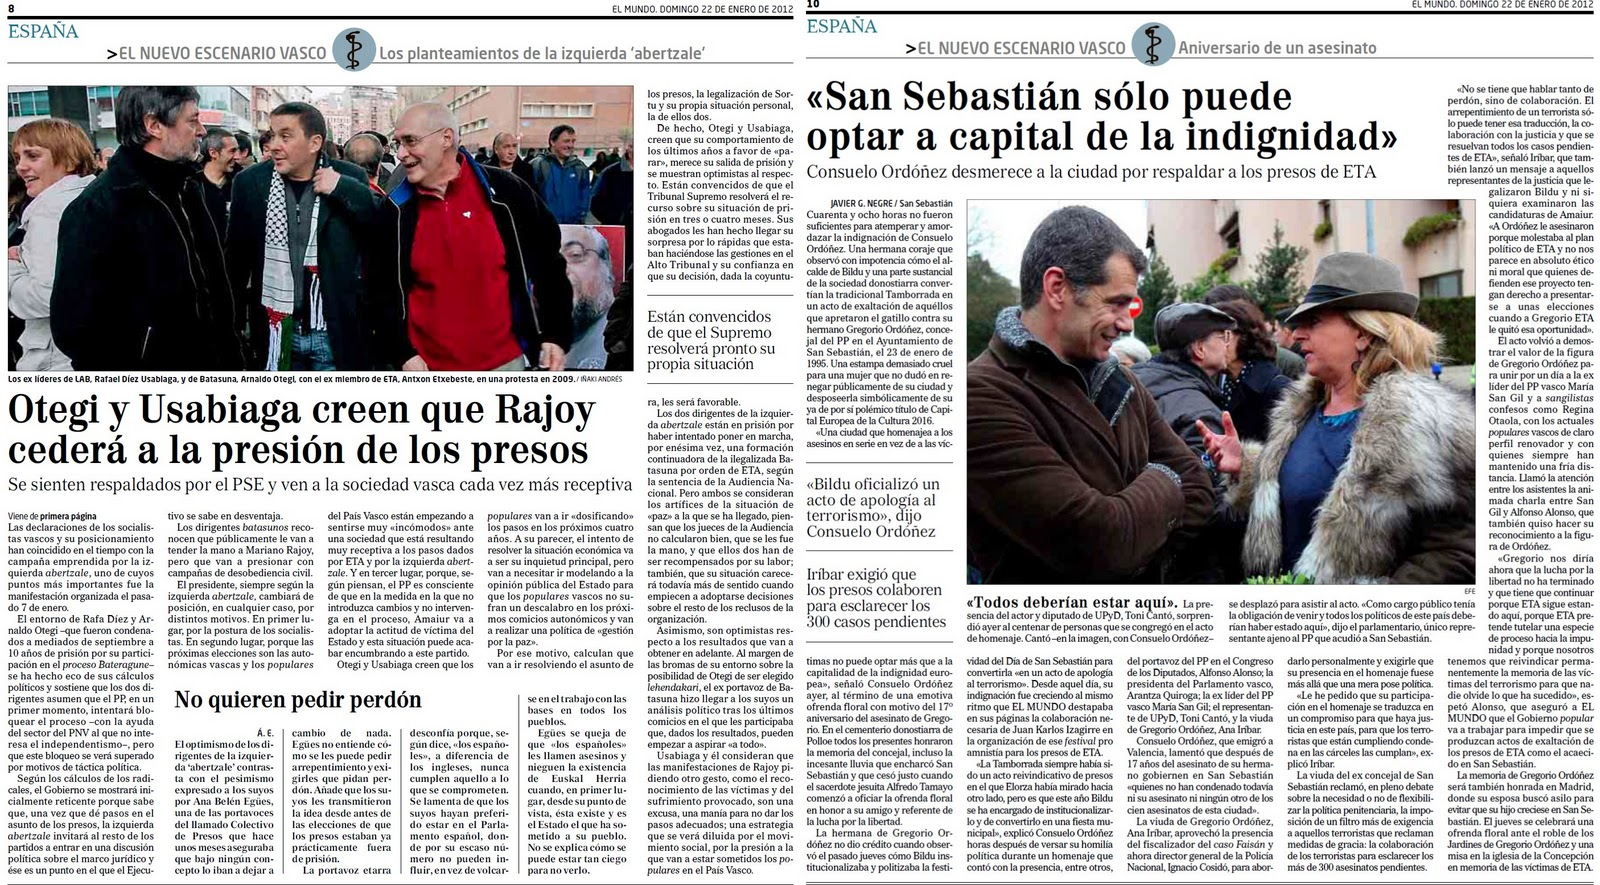 San Sebastián, capital de la indignación